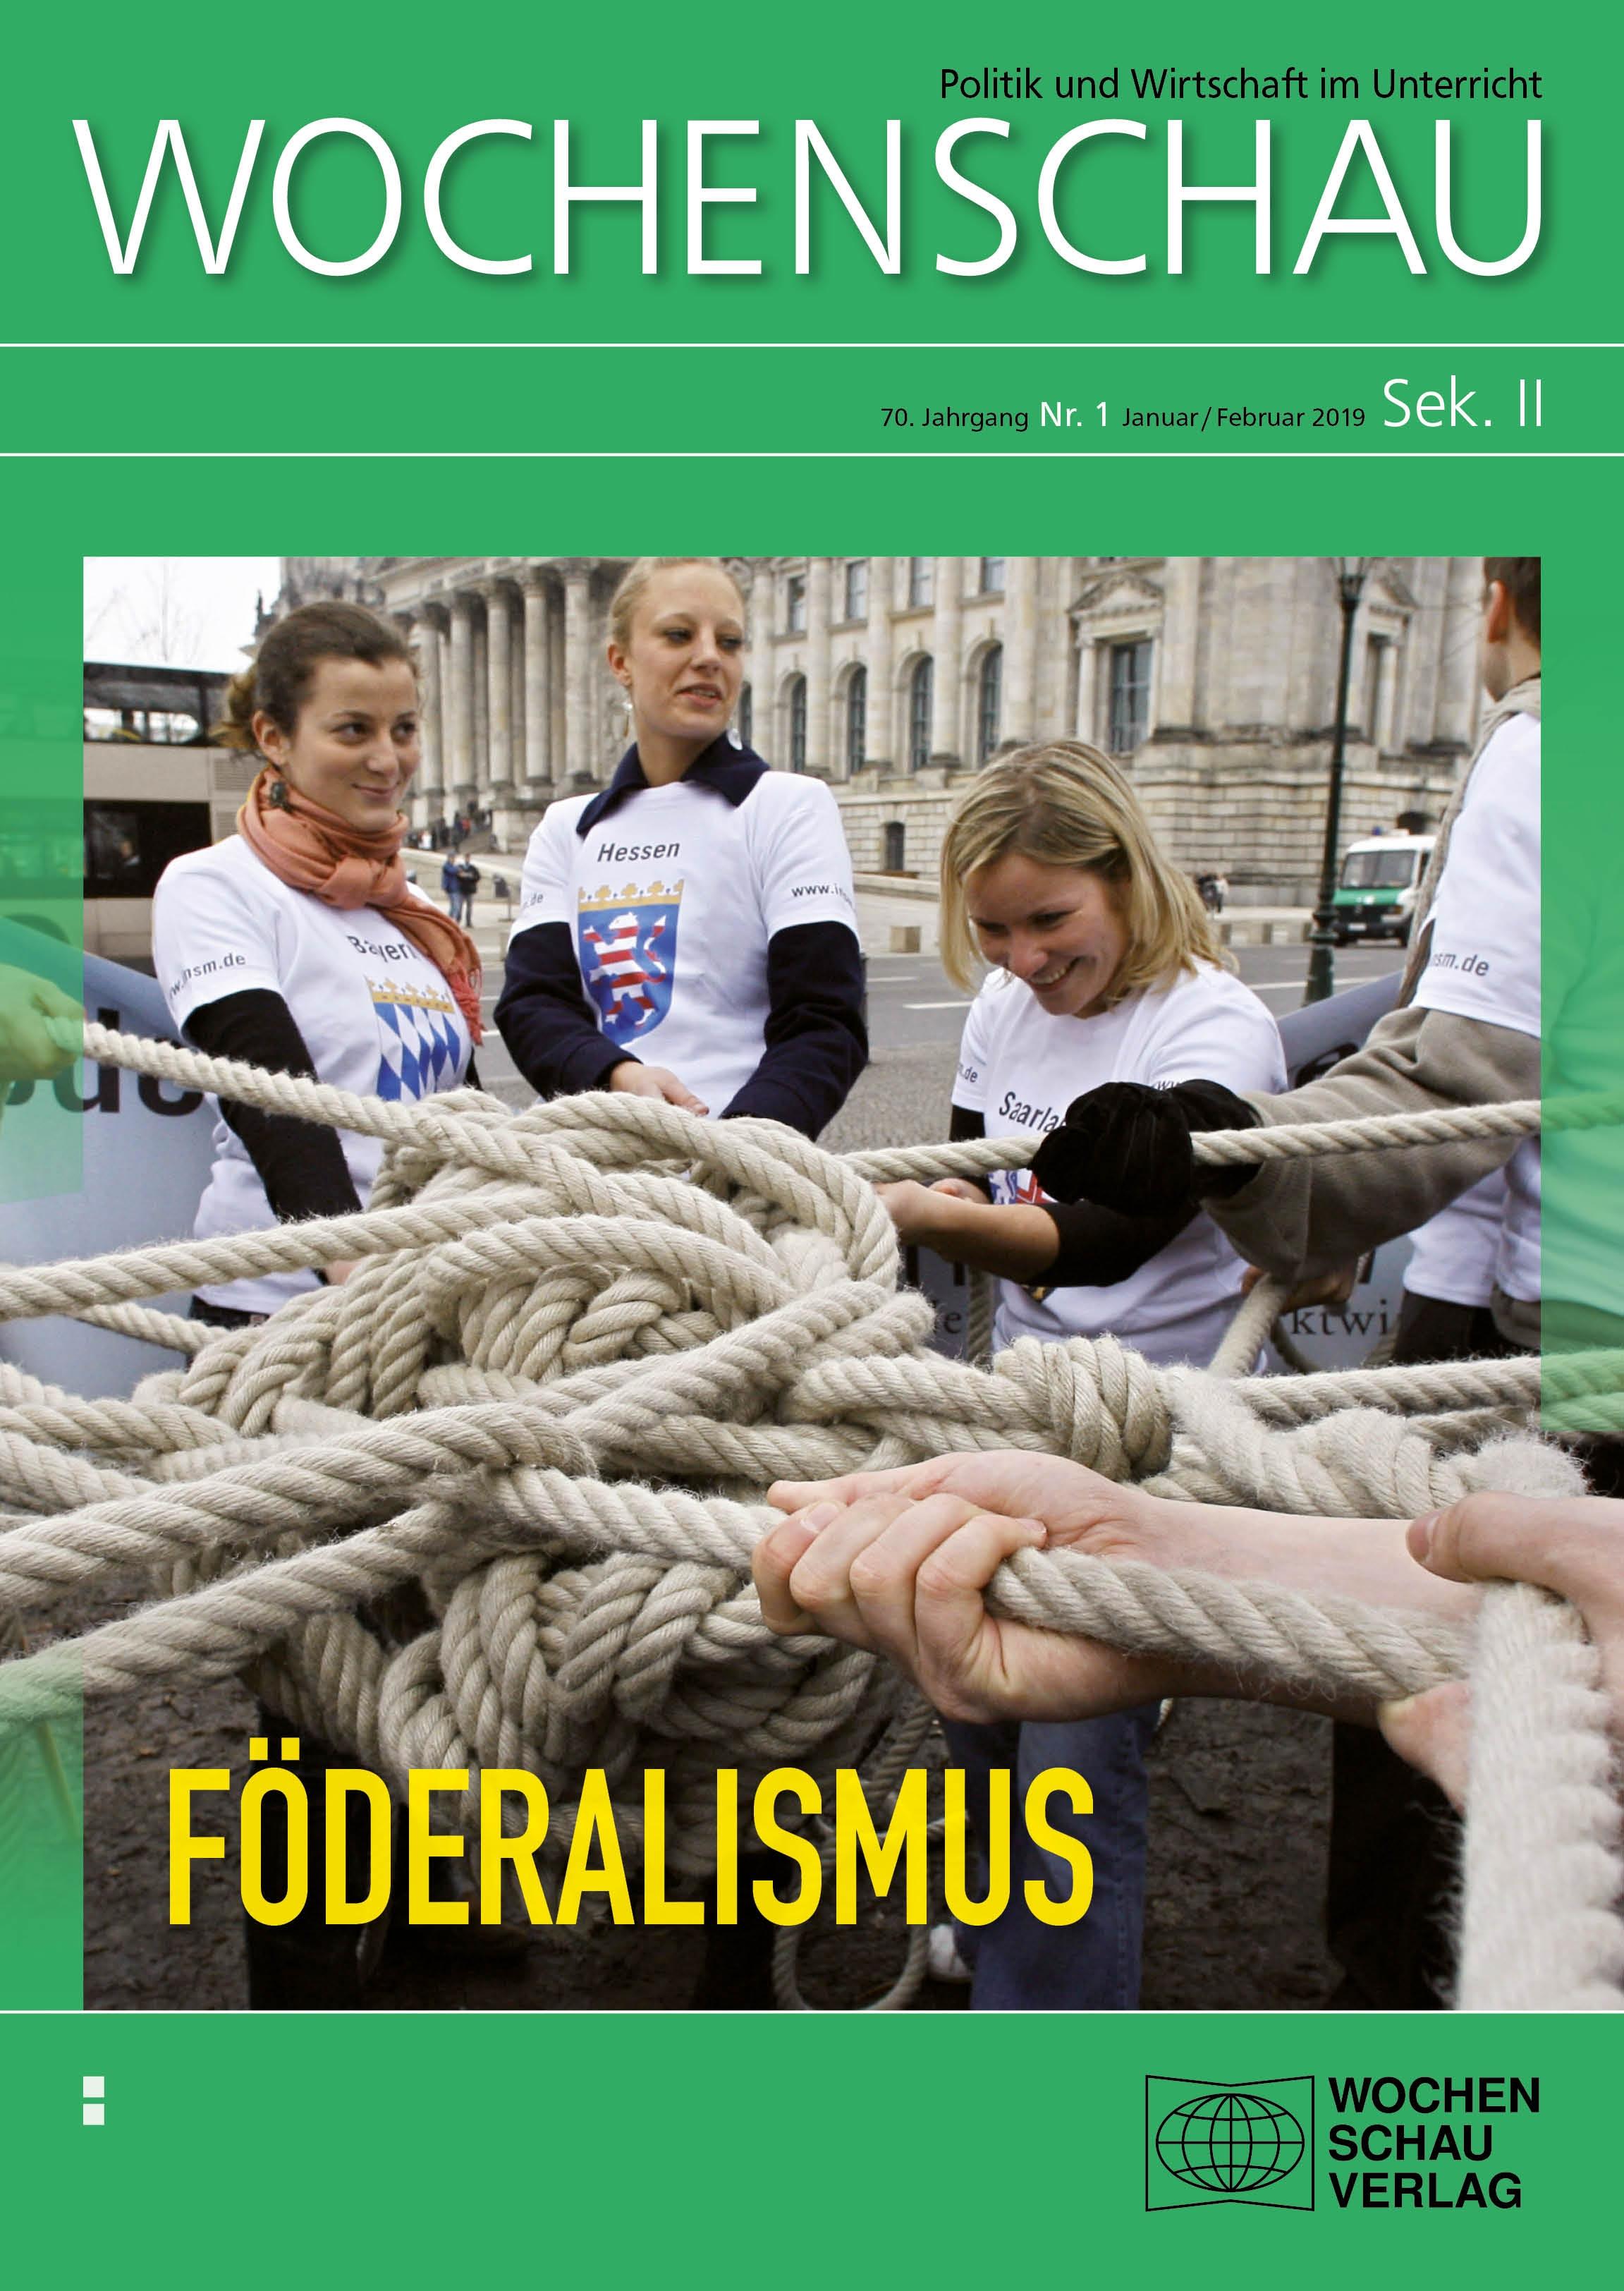 Föderalismus, Bundesländer, Bildungspolitik, Sicherheitspolitik, Verfassung